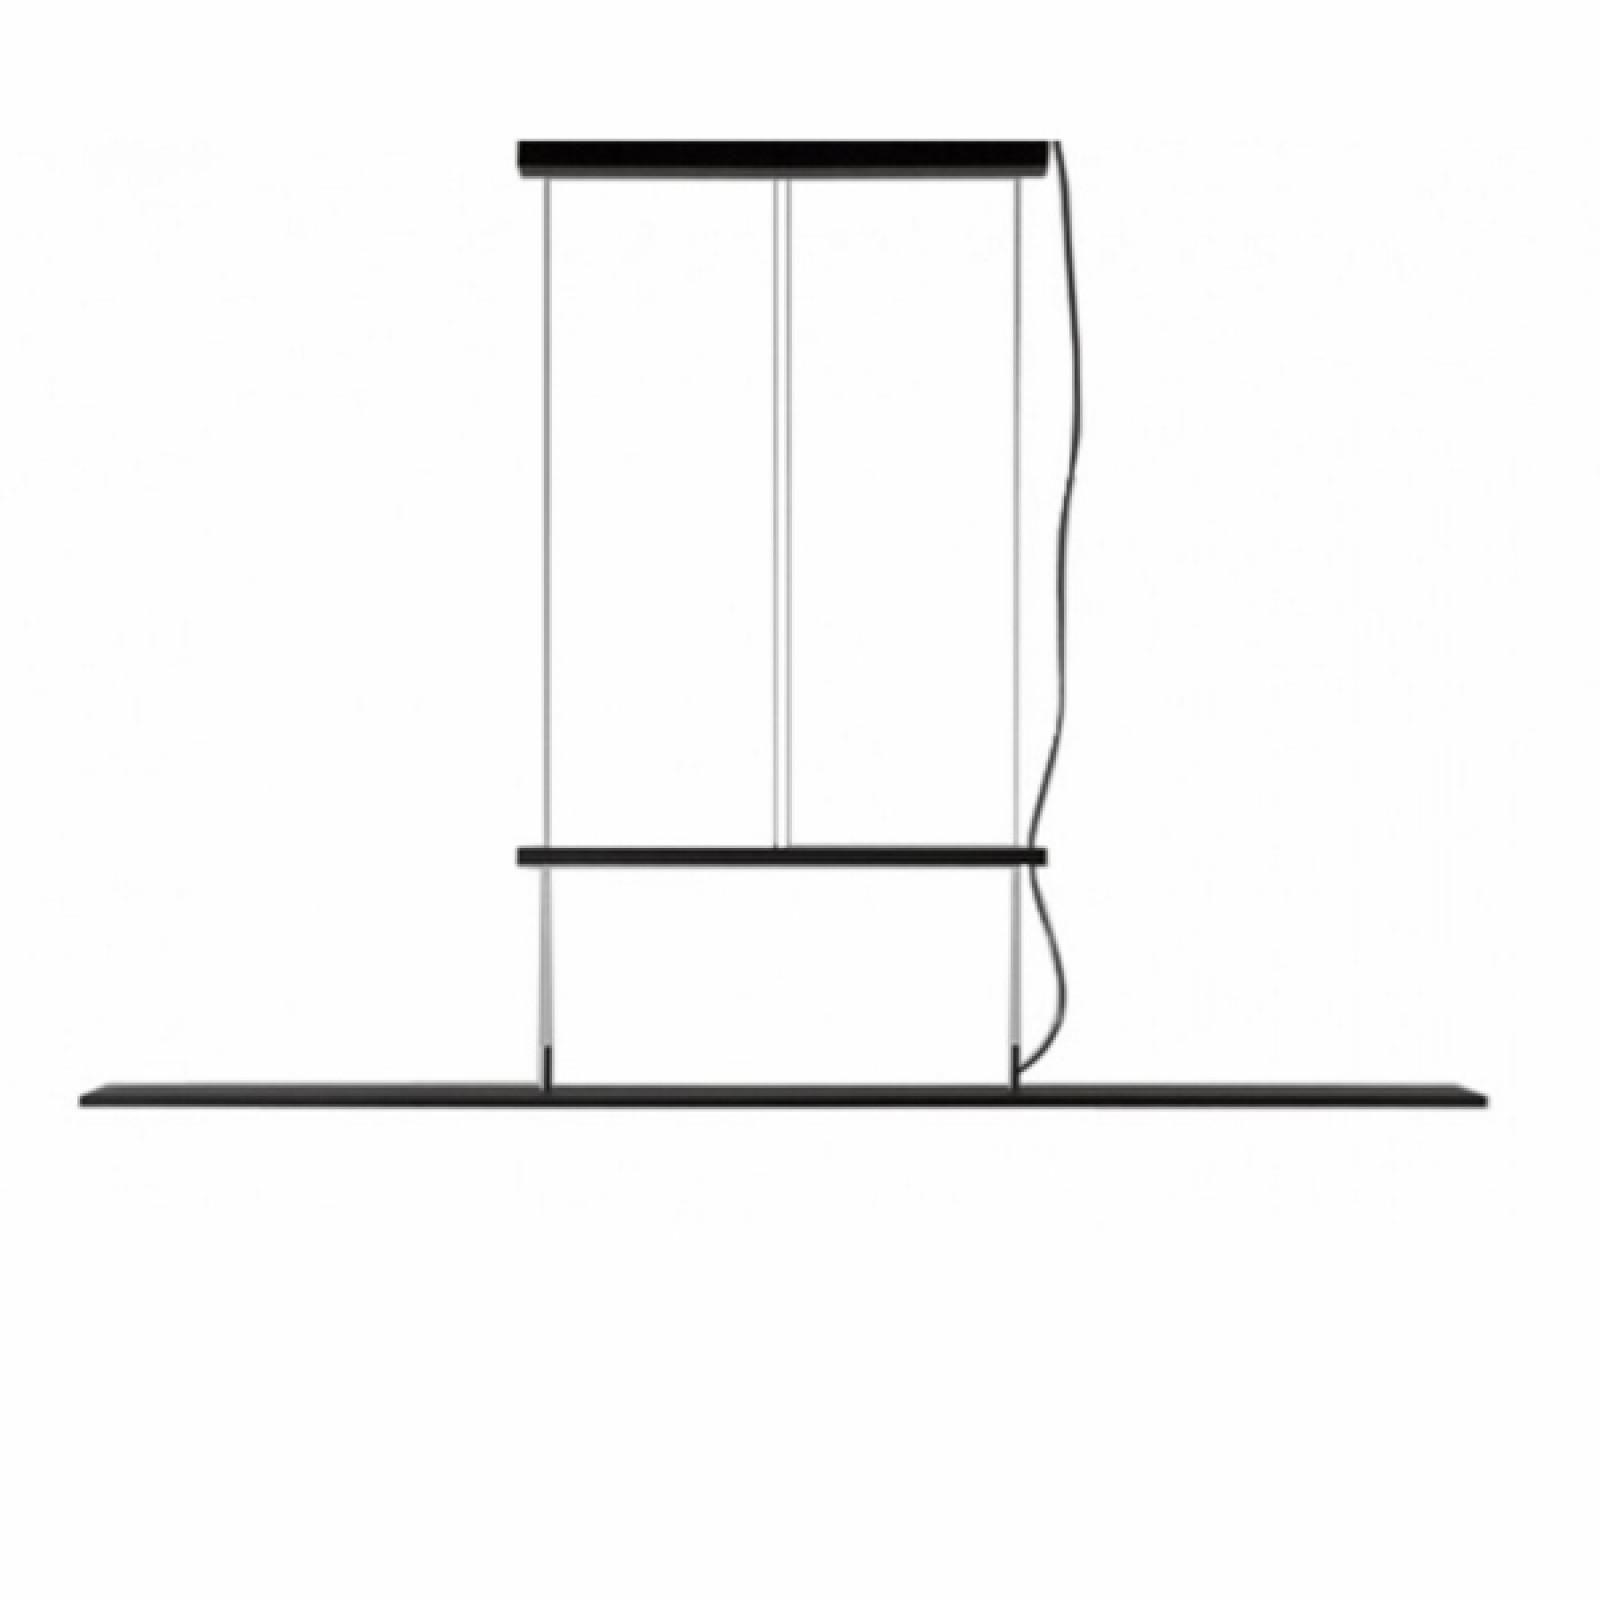 Κρεμαστό Φωτιστικό Οροφής LED BlancoWhite Golden Gate - Santa & Cole